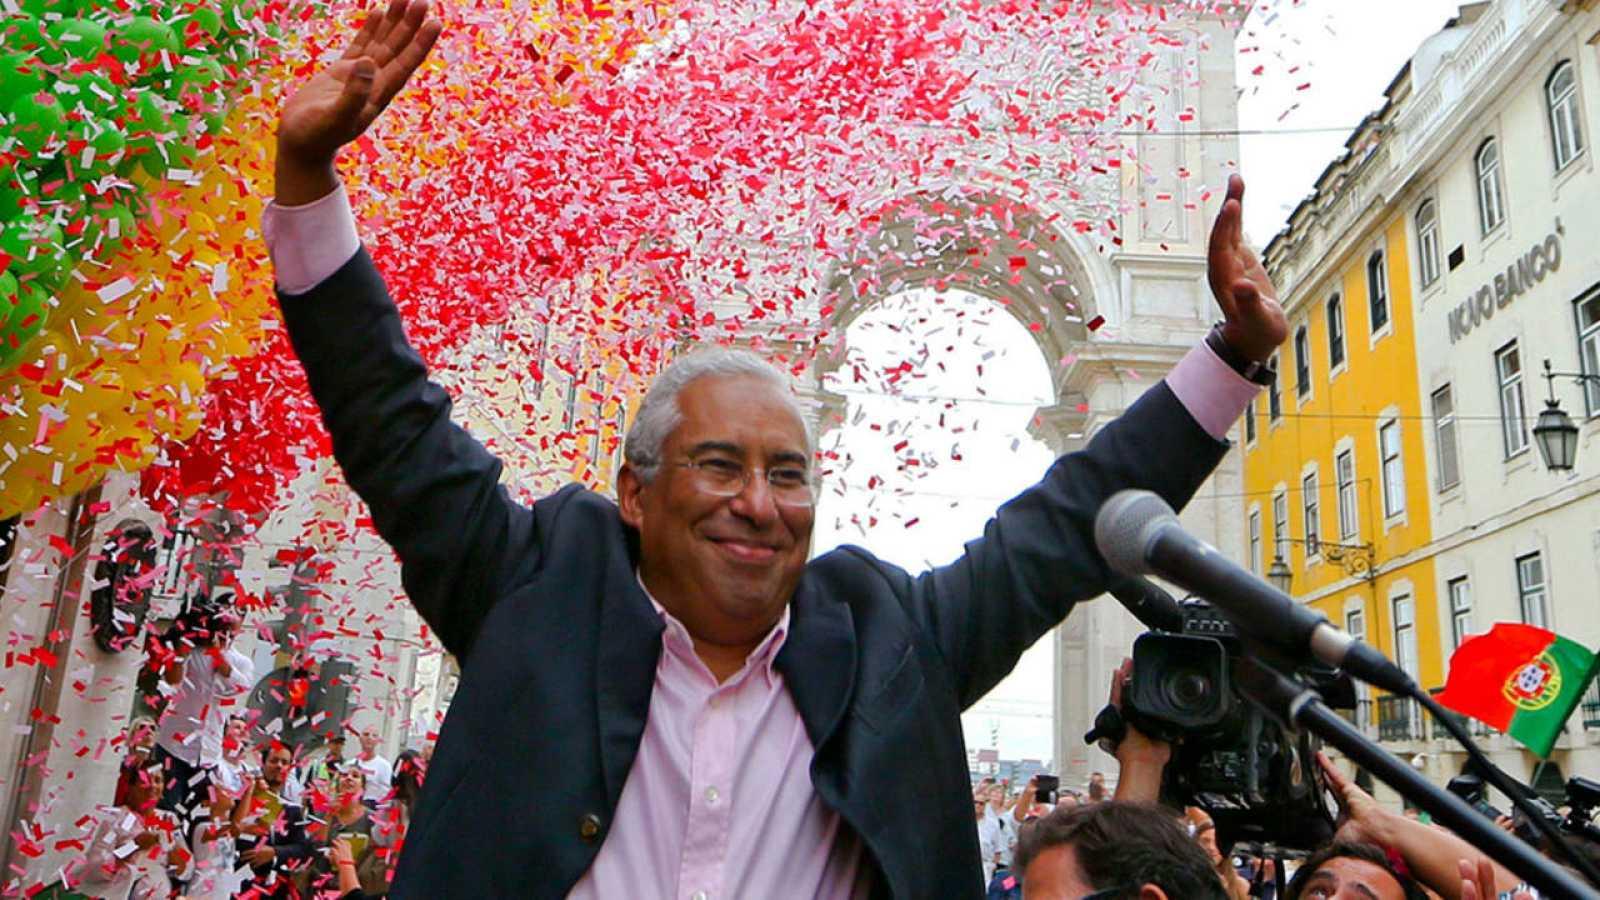 Imagen de archivo del líder del Partido Socialista de Portugal, Antonio Costa.